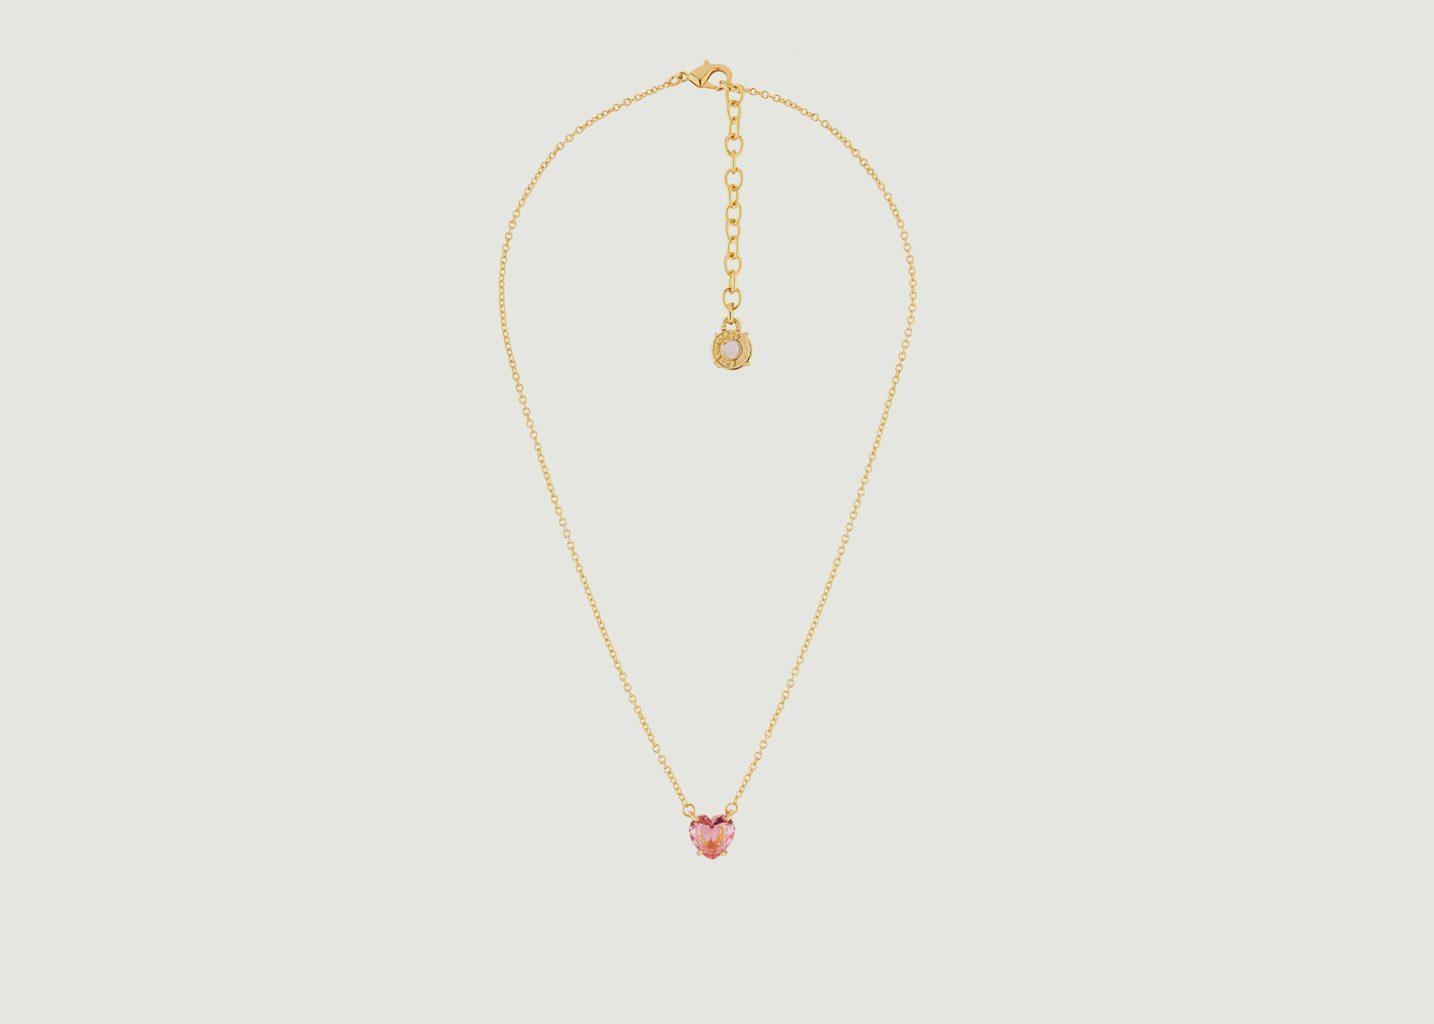 Collier La Diamantine Cœur - Les Néréides